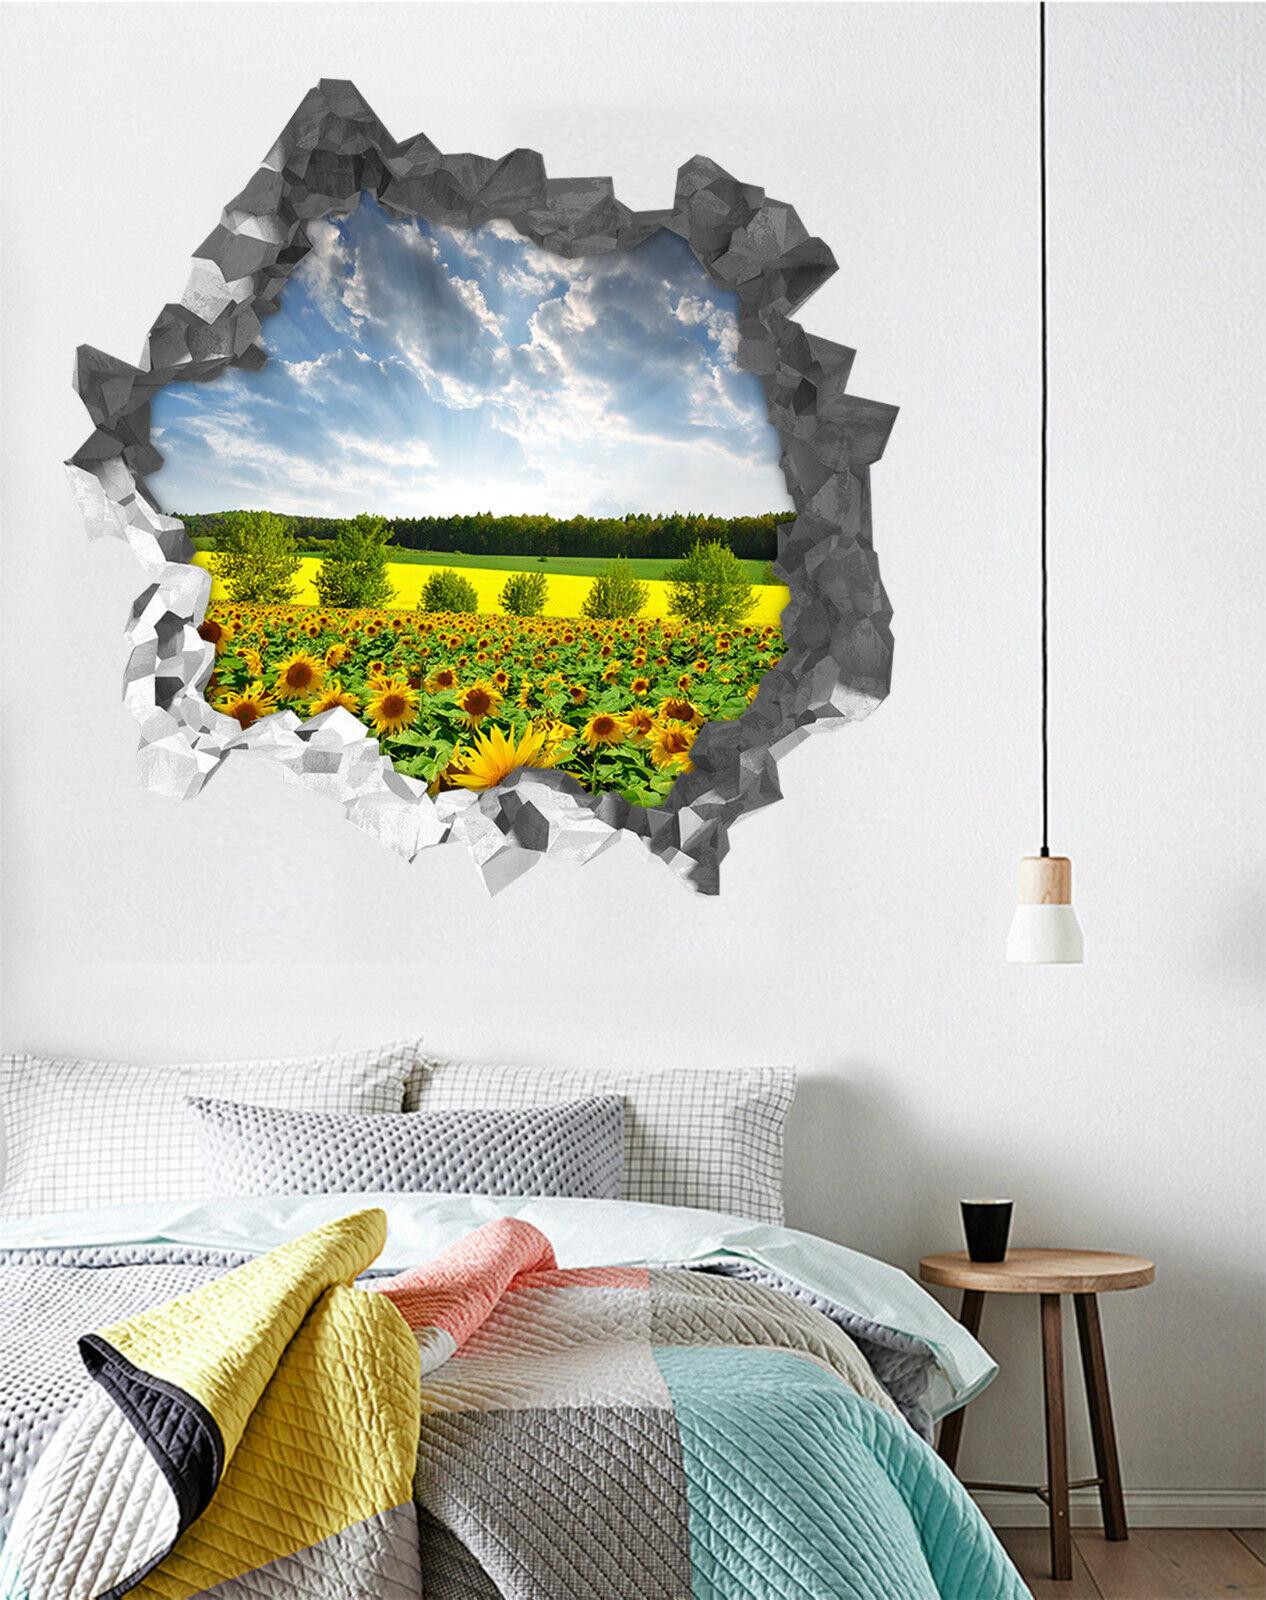 3D Himmel Rasen 522 Mauer Murals Aufklebe Decal Durchbruch AJ WALLPAPER DE Lemon